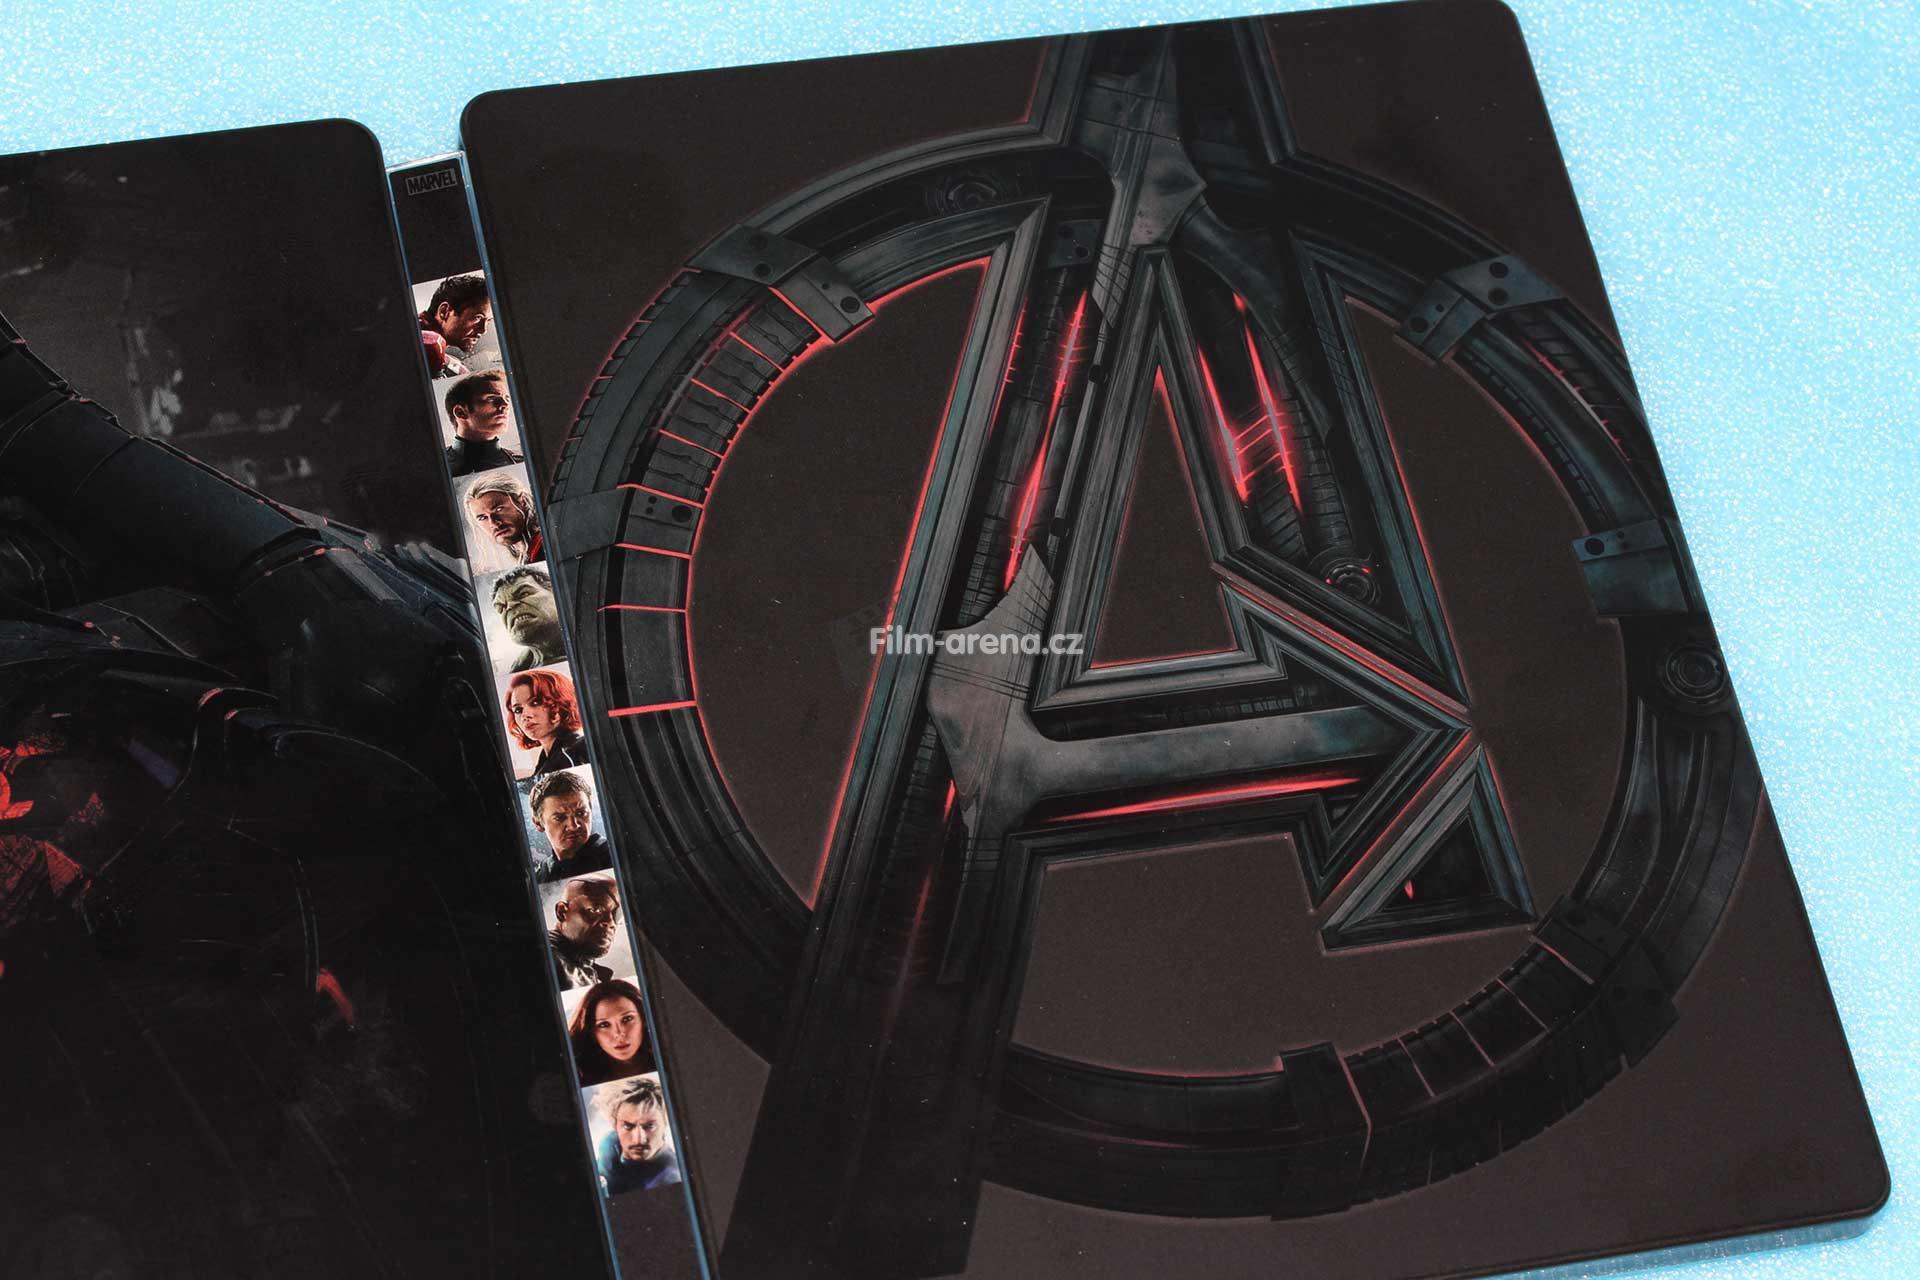 http://www.filmarena.cz/upload/images/nazivo/Avengers_2/avengers_07.jpg